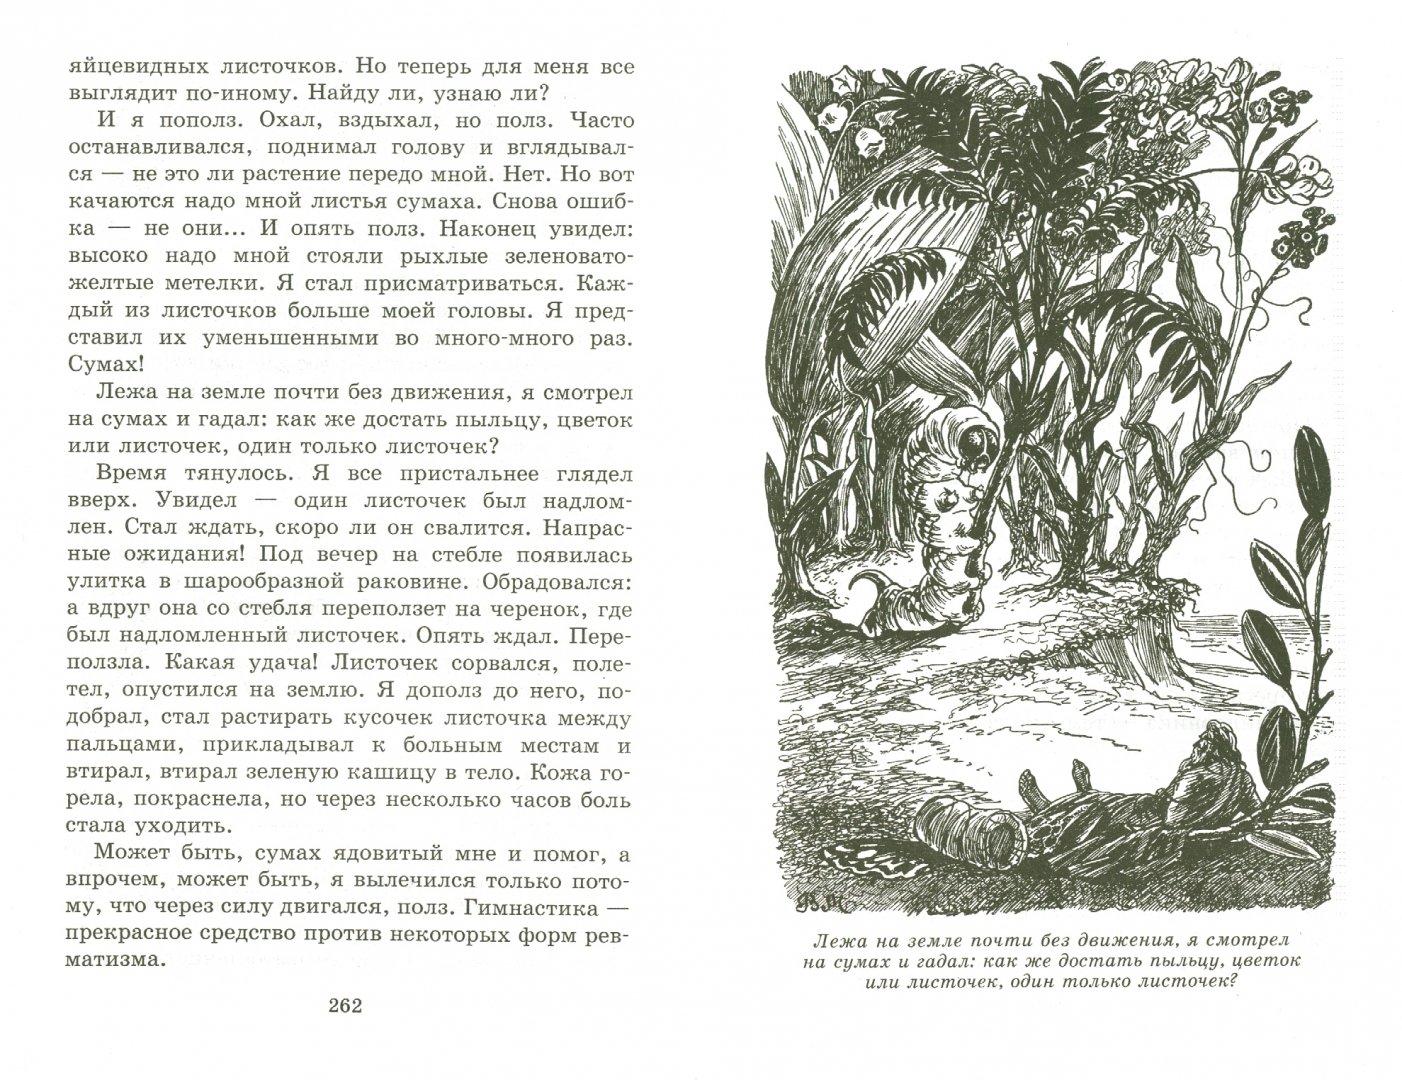 Иллюстрация 1 из 23 для В стране дремучих трав - Владимир Брагин | Лабиринт - книги. Источник: Лабиринт